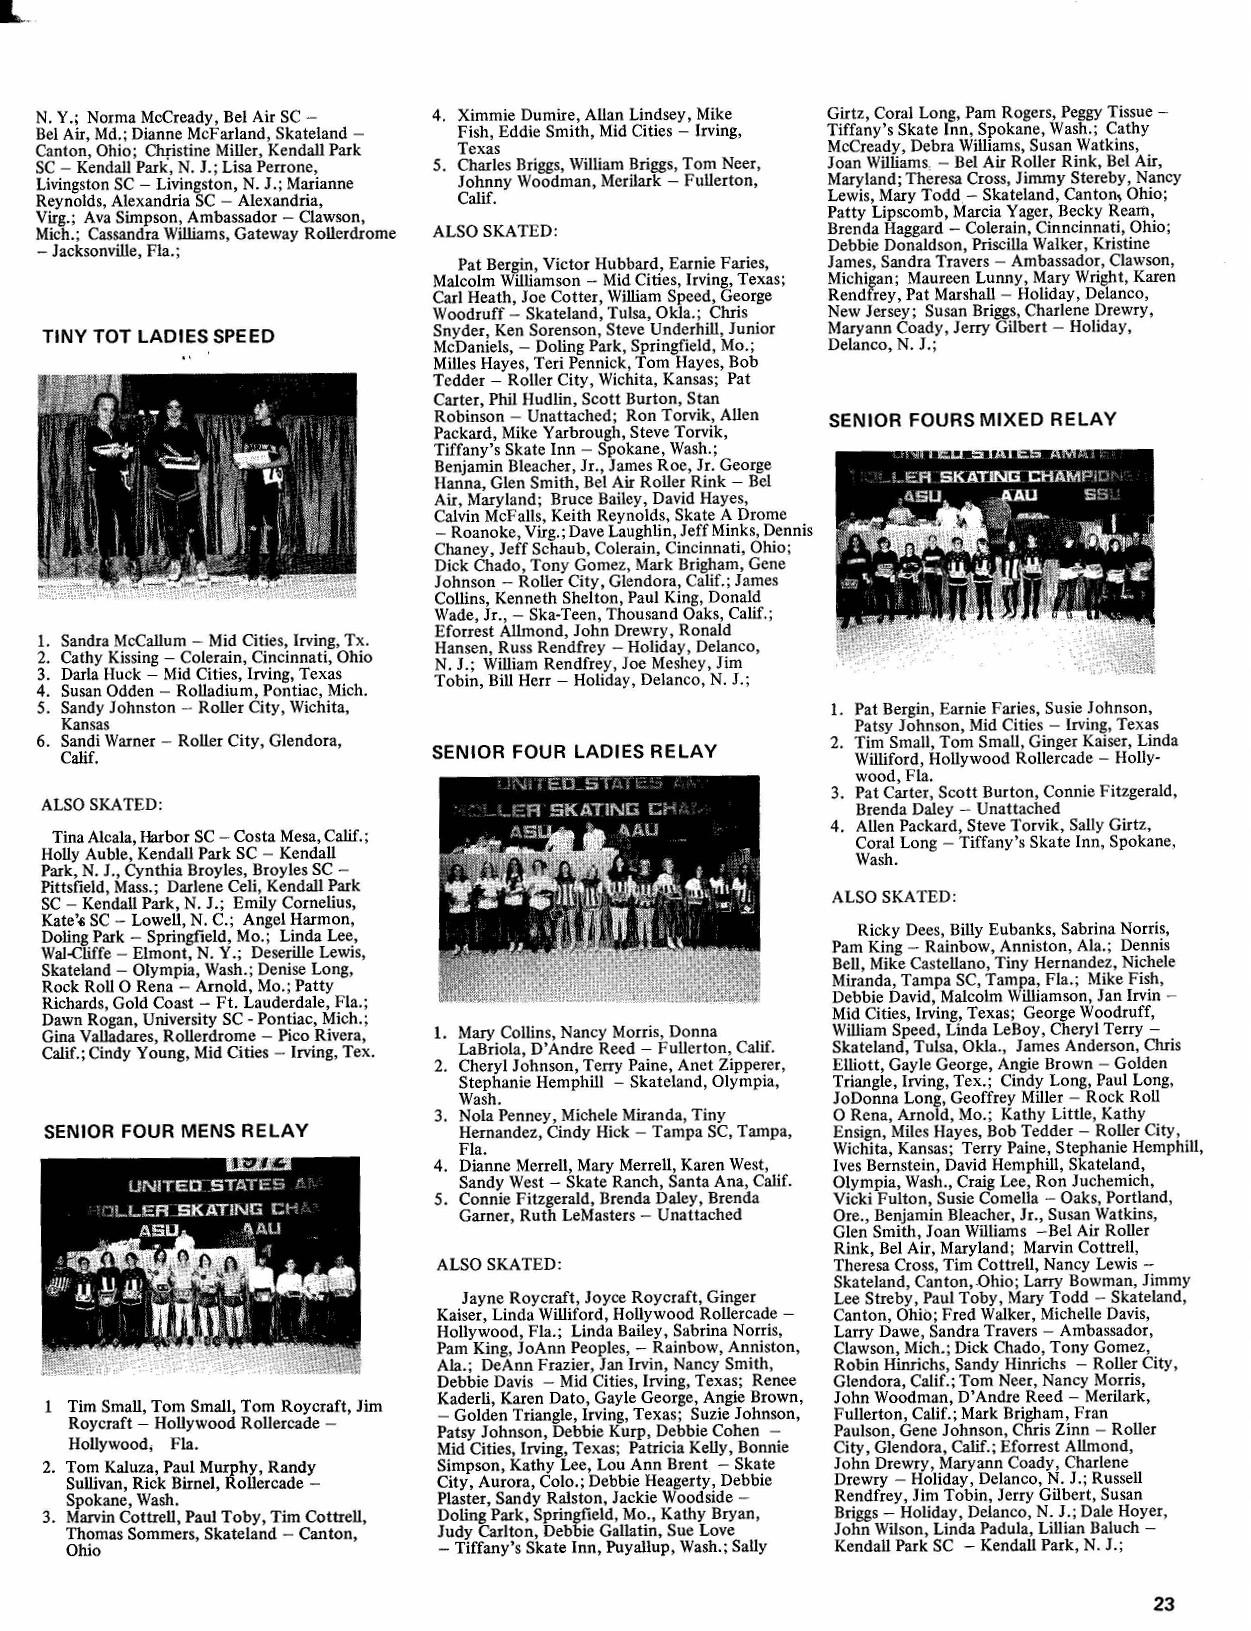 Roller skating rink kendall park nj - Page 4